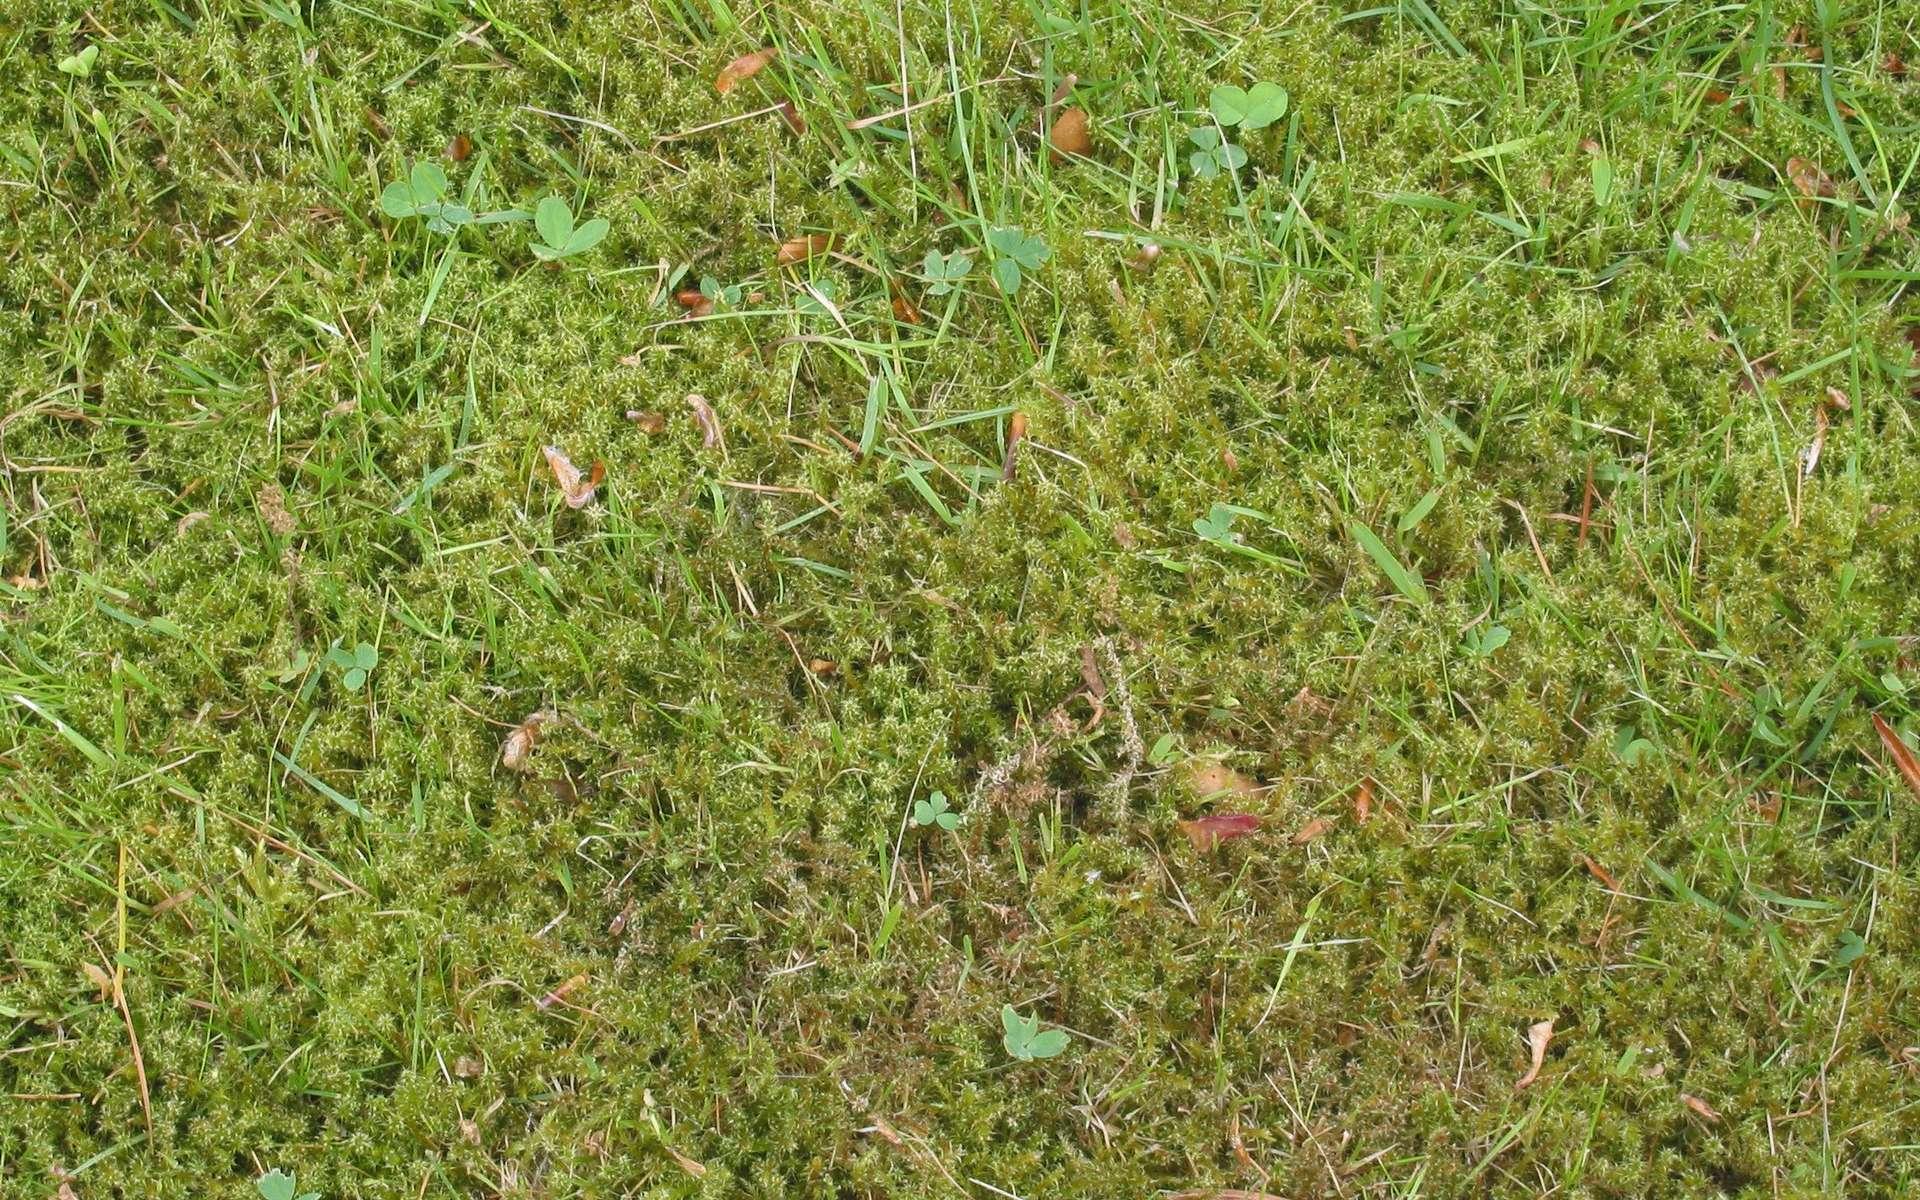 Entretenir le gazon demande temps et énergie. Une tonte régulière est idéale pour obtenir une belle pelouse. © Rasbak, Flickr, CC BY-SA 3.0